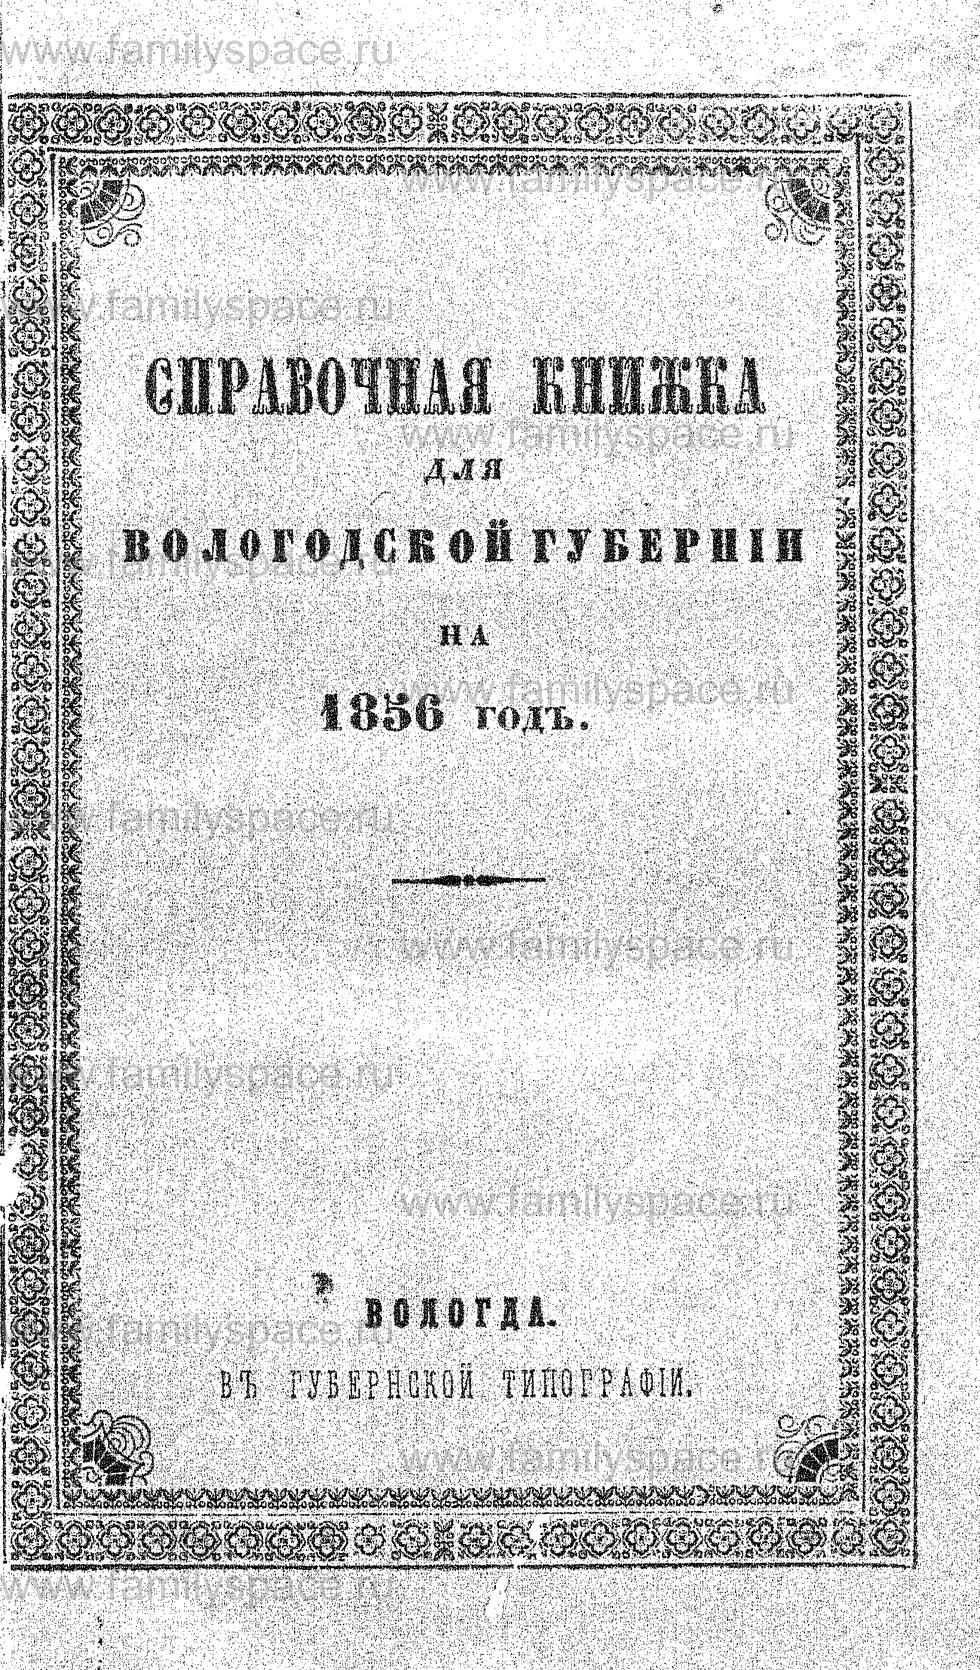 Поиск по фамилии - Справочная книжка Вологодской губернии на 1856 г, страница 1